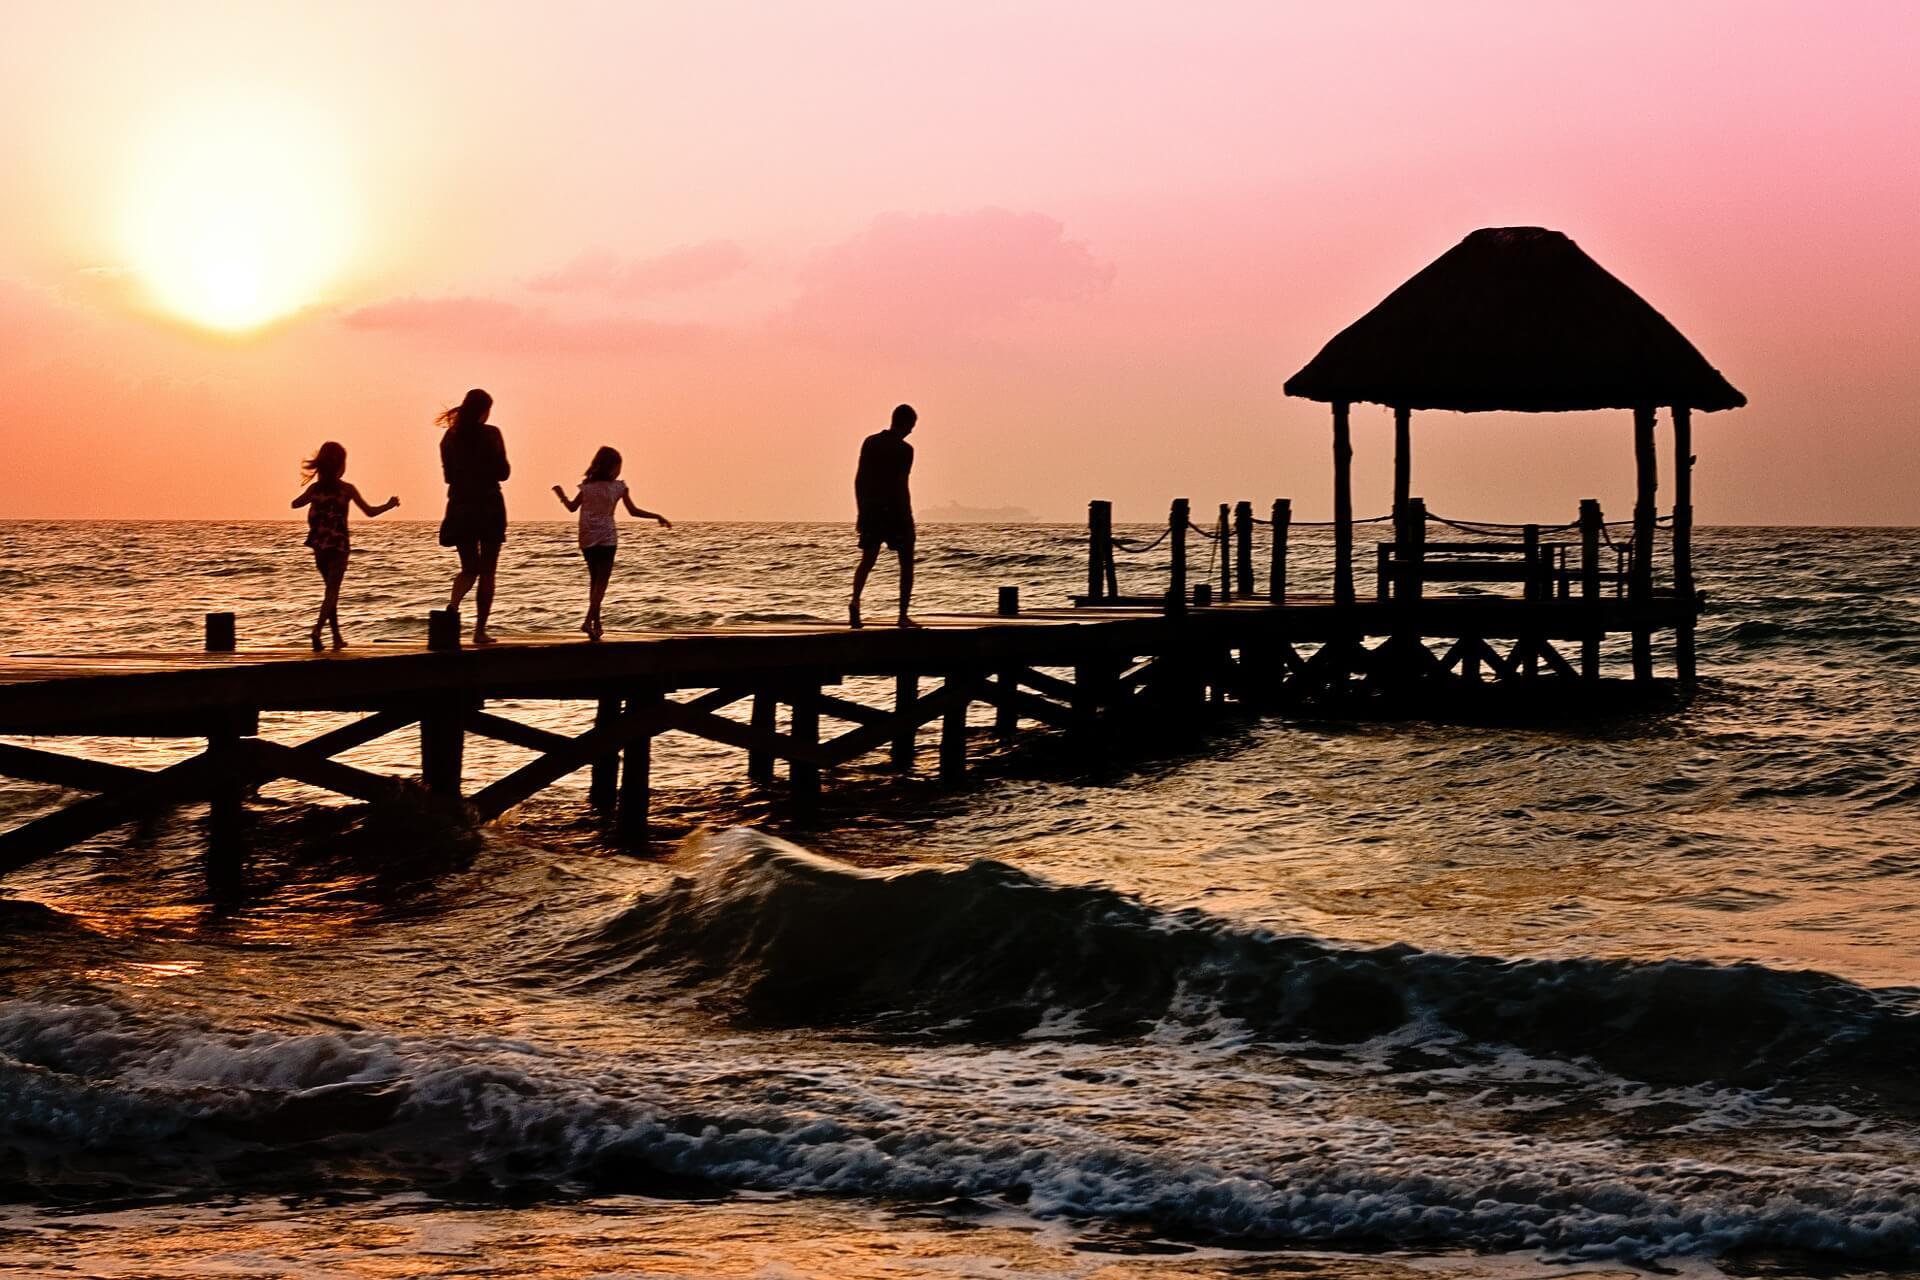 Sommerurlaub: 10 Reiseziele von nah bis fern